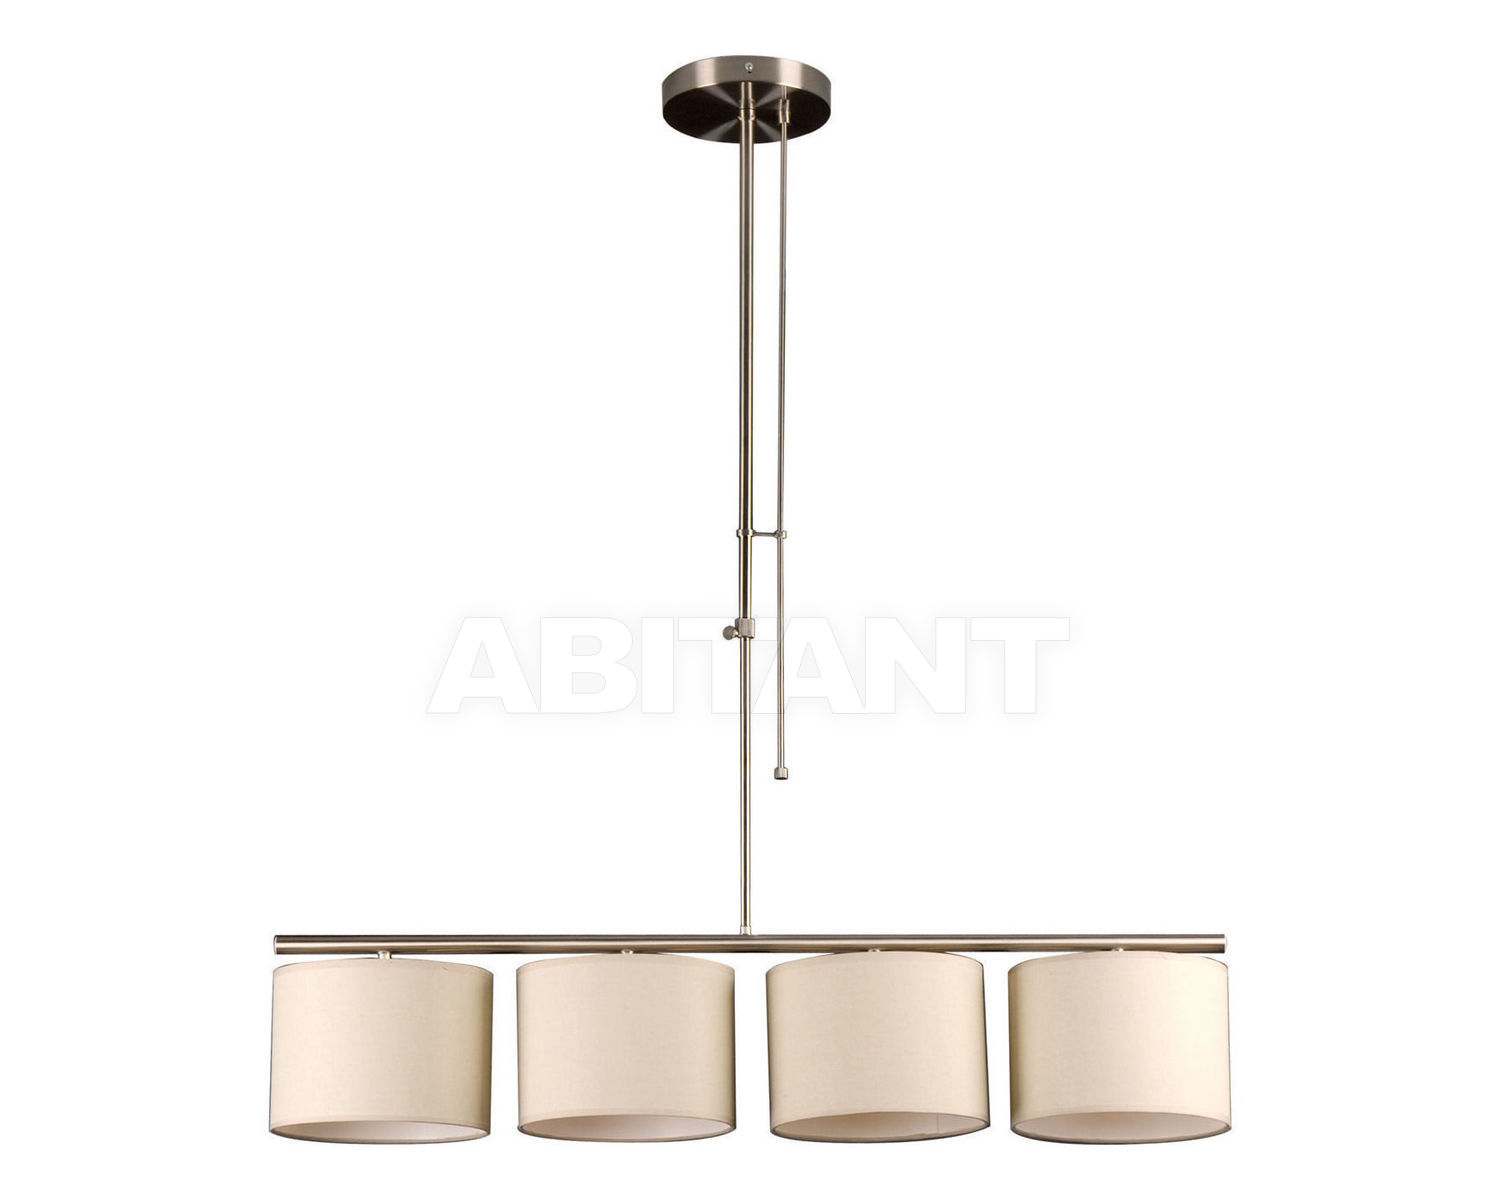 Купить Светильник Linea Verdace 2012 LV 54007/C